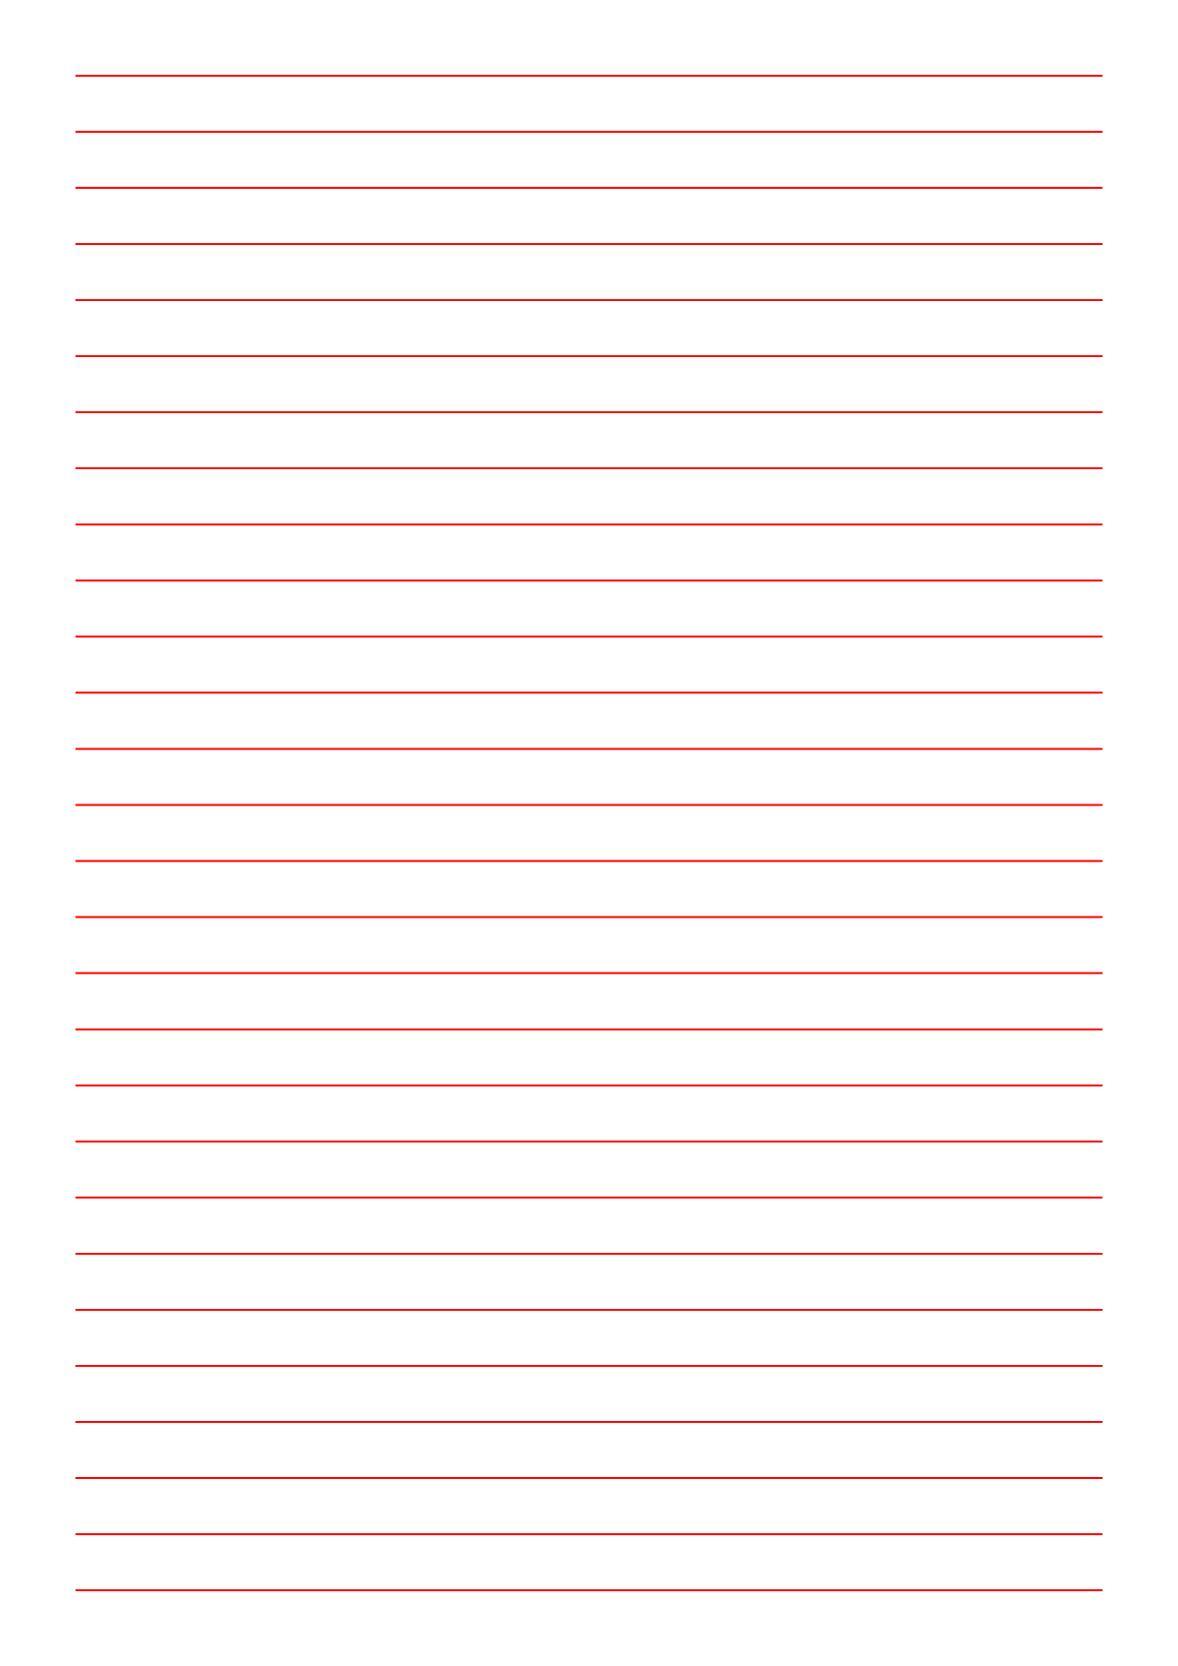 kostenloses briefpapier mit linien briefpapier vorlagen zum selbst ausdrucken. Black Bedroom Furniture Sets. Home Design Ideas